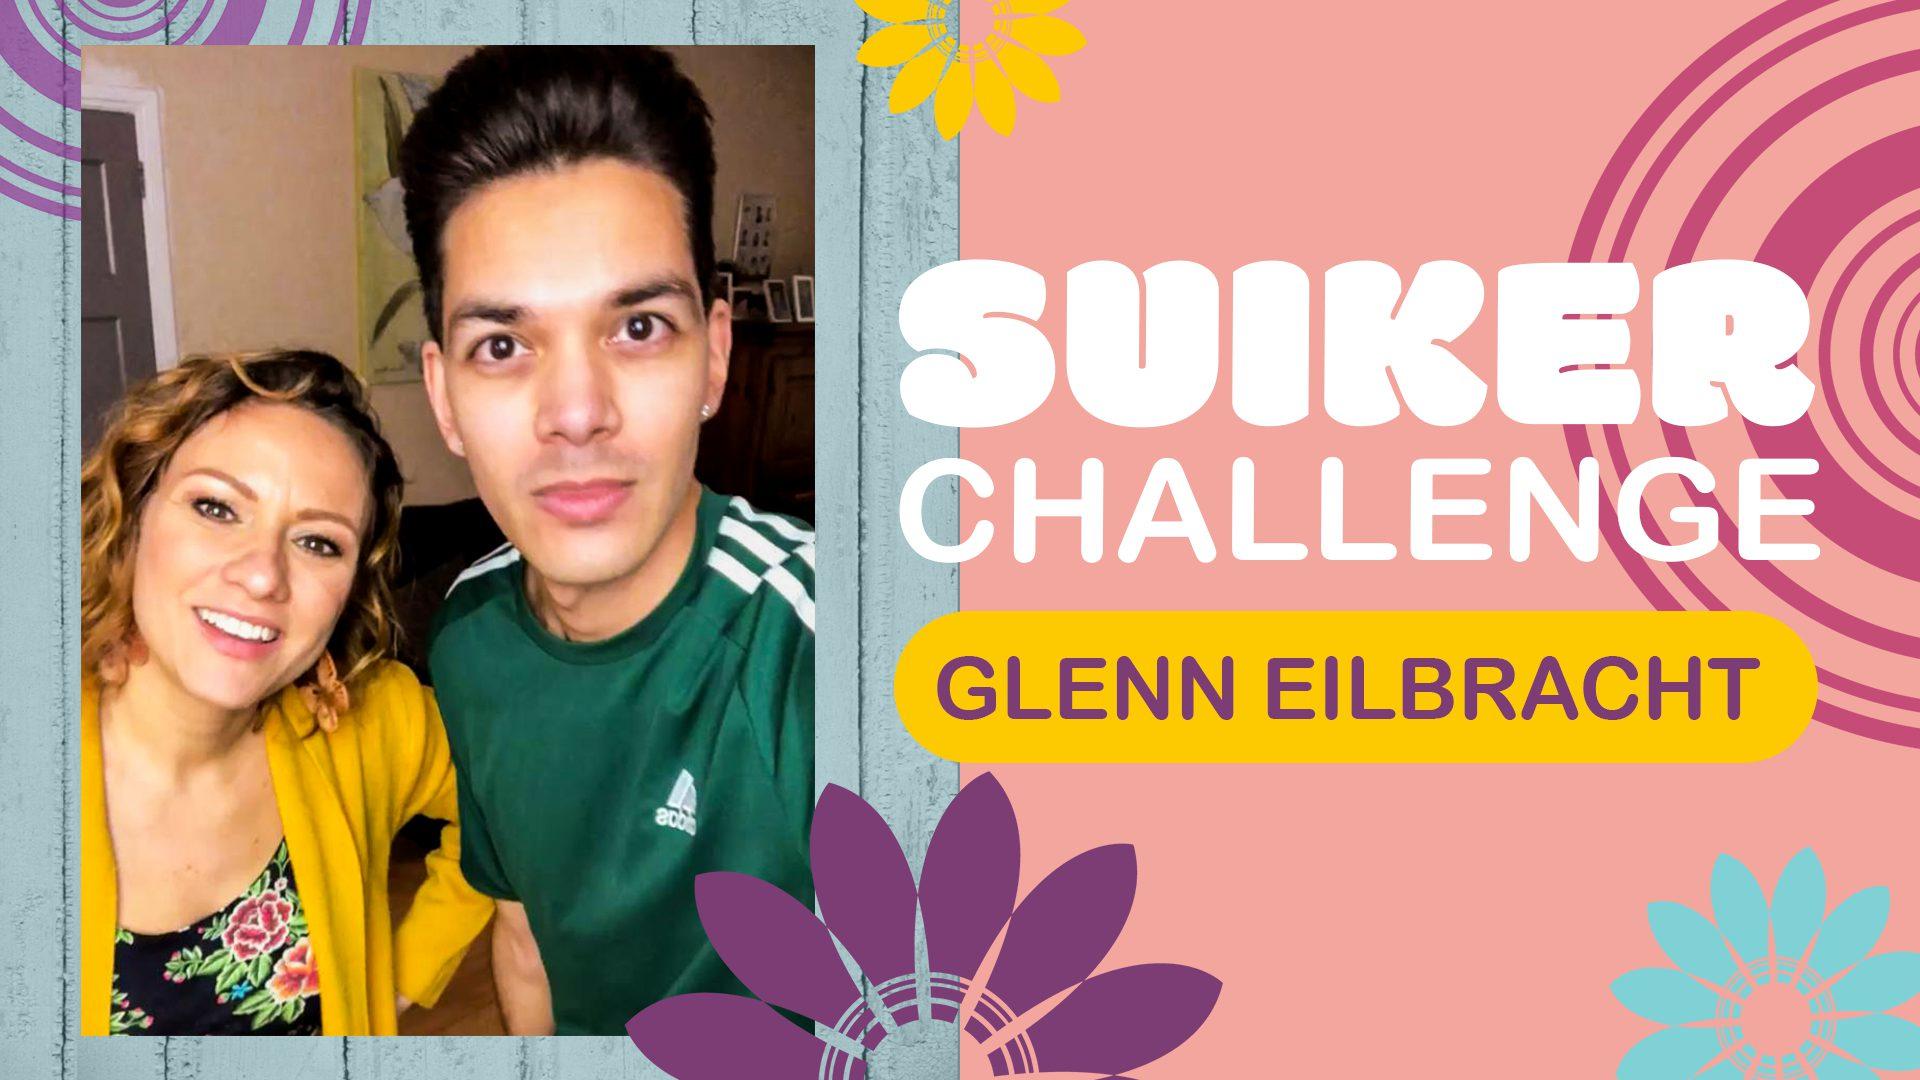 De strijdt tegen cola met Glenn Eilbracht! – SuikerChallenge #2